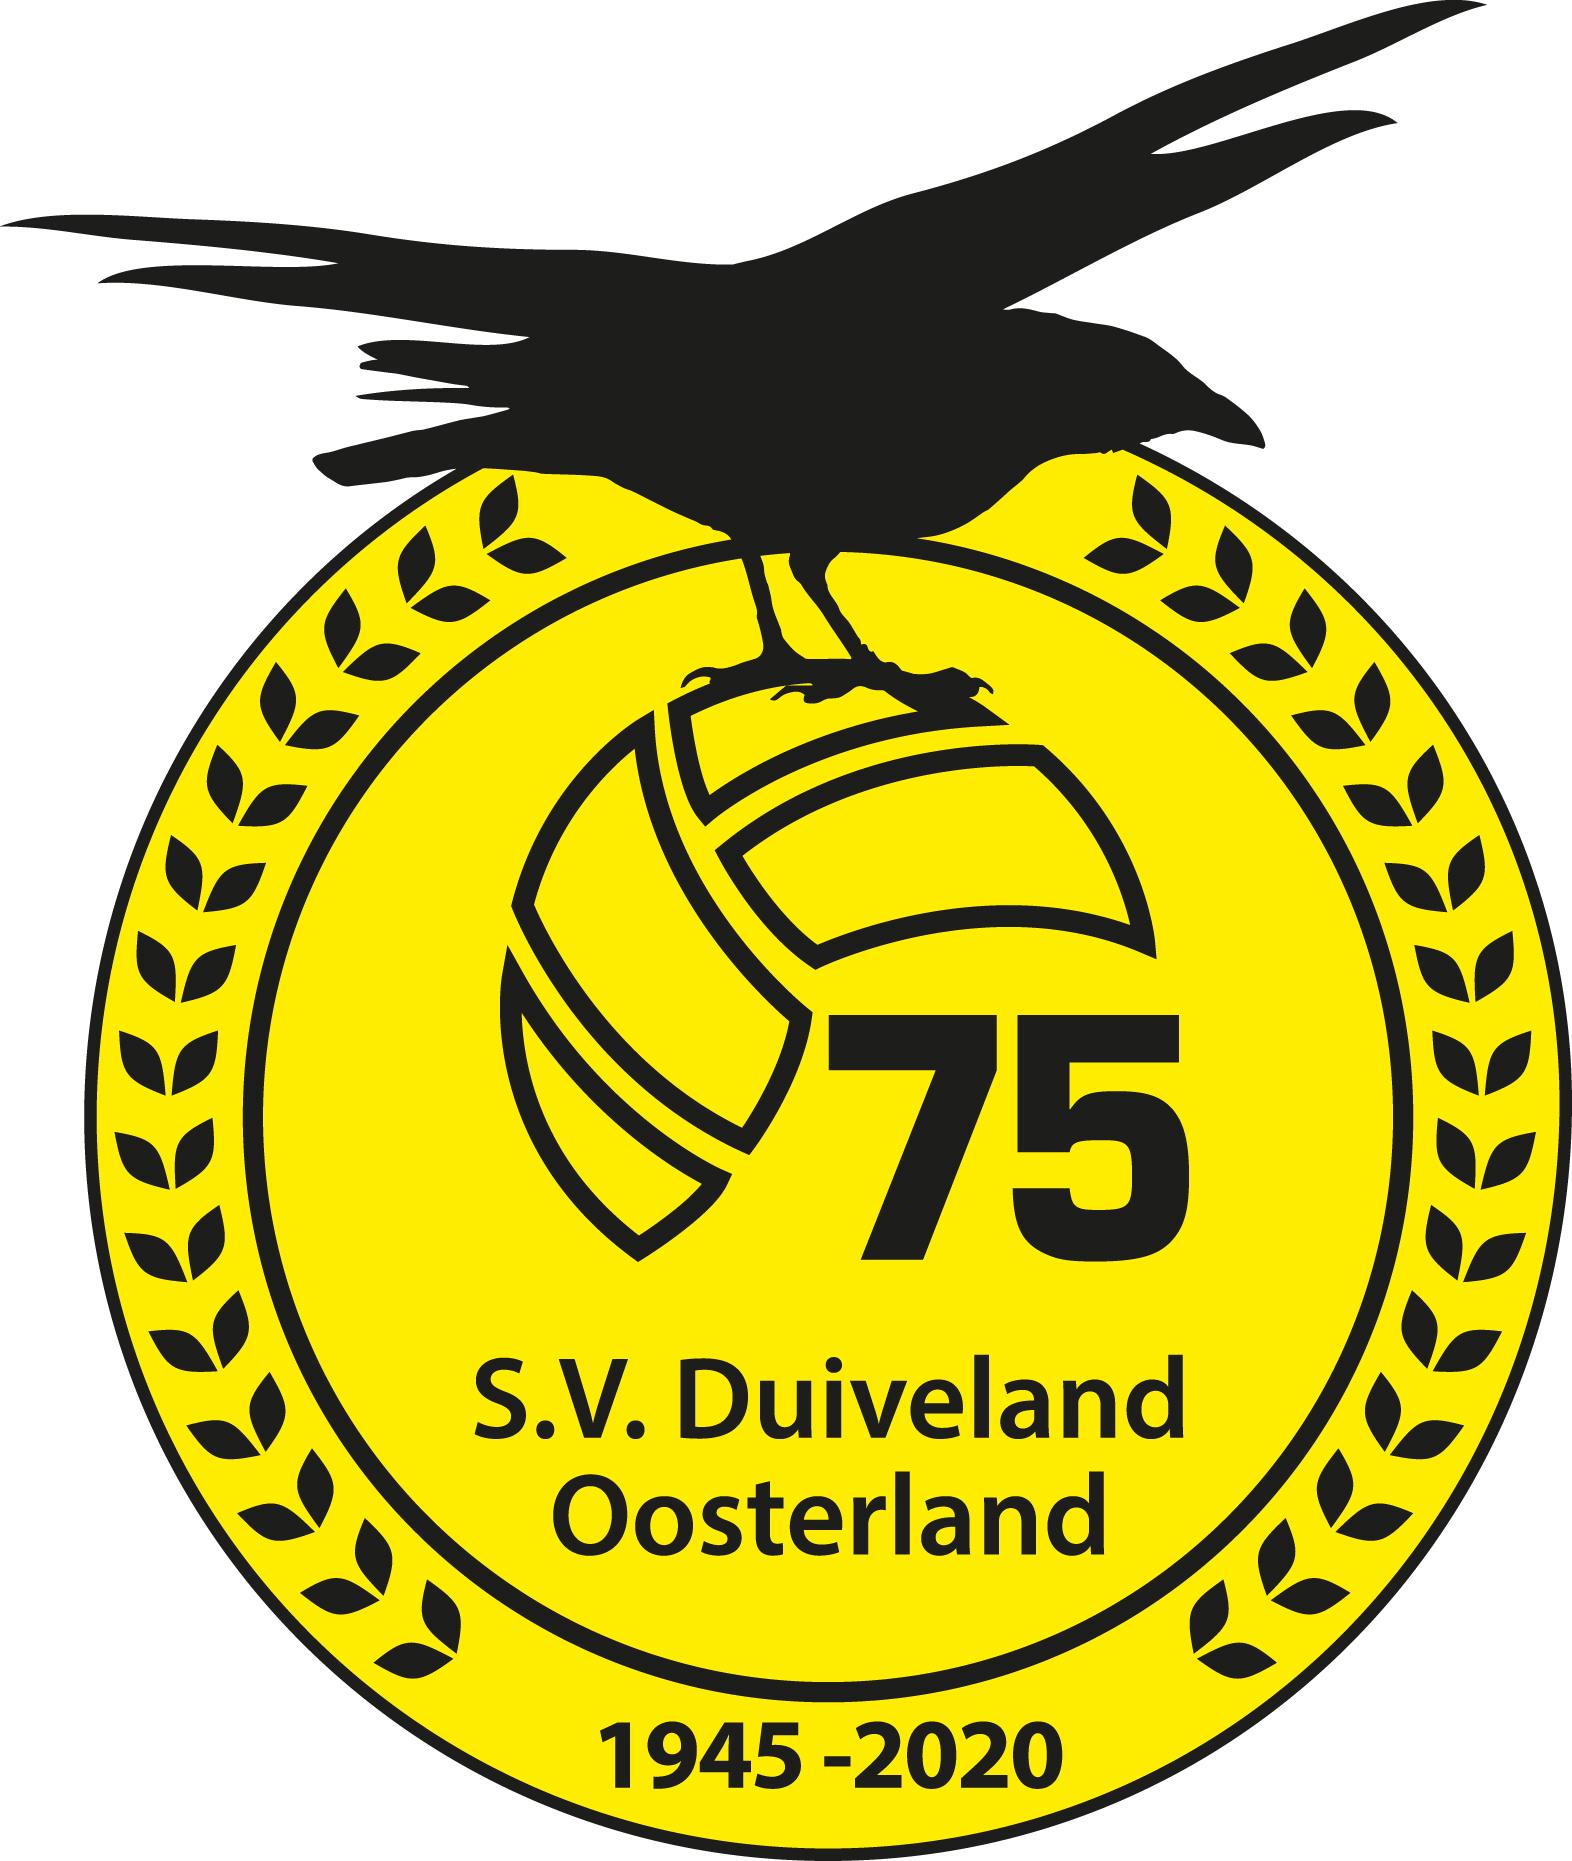 Justin van Noord keert terug bij S.V. Duiveland